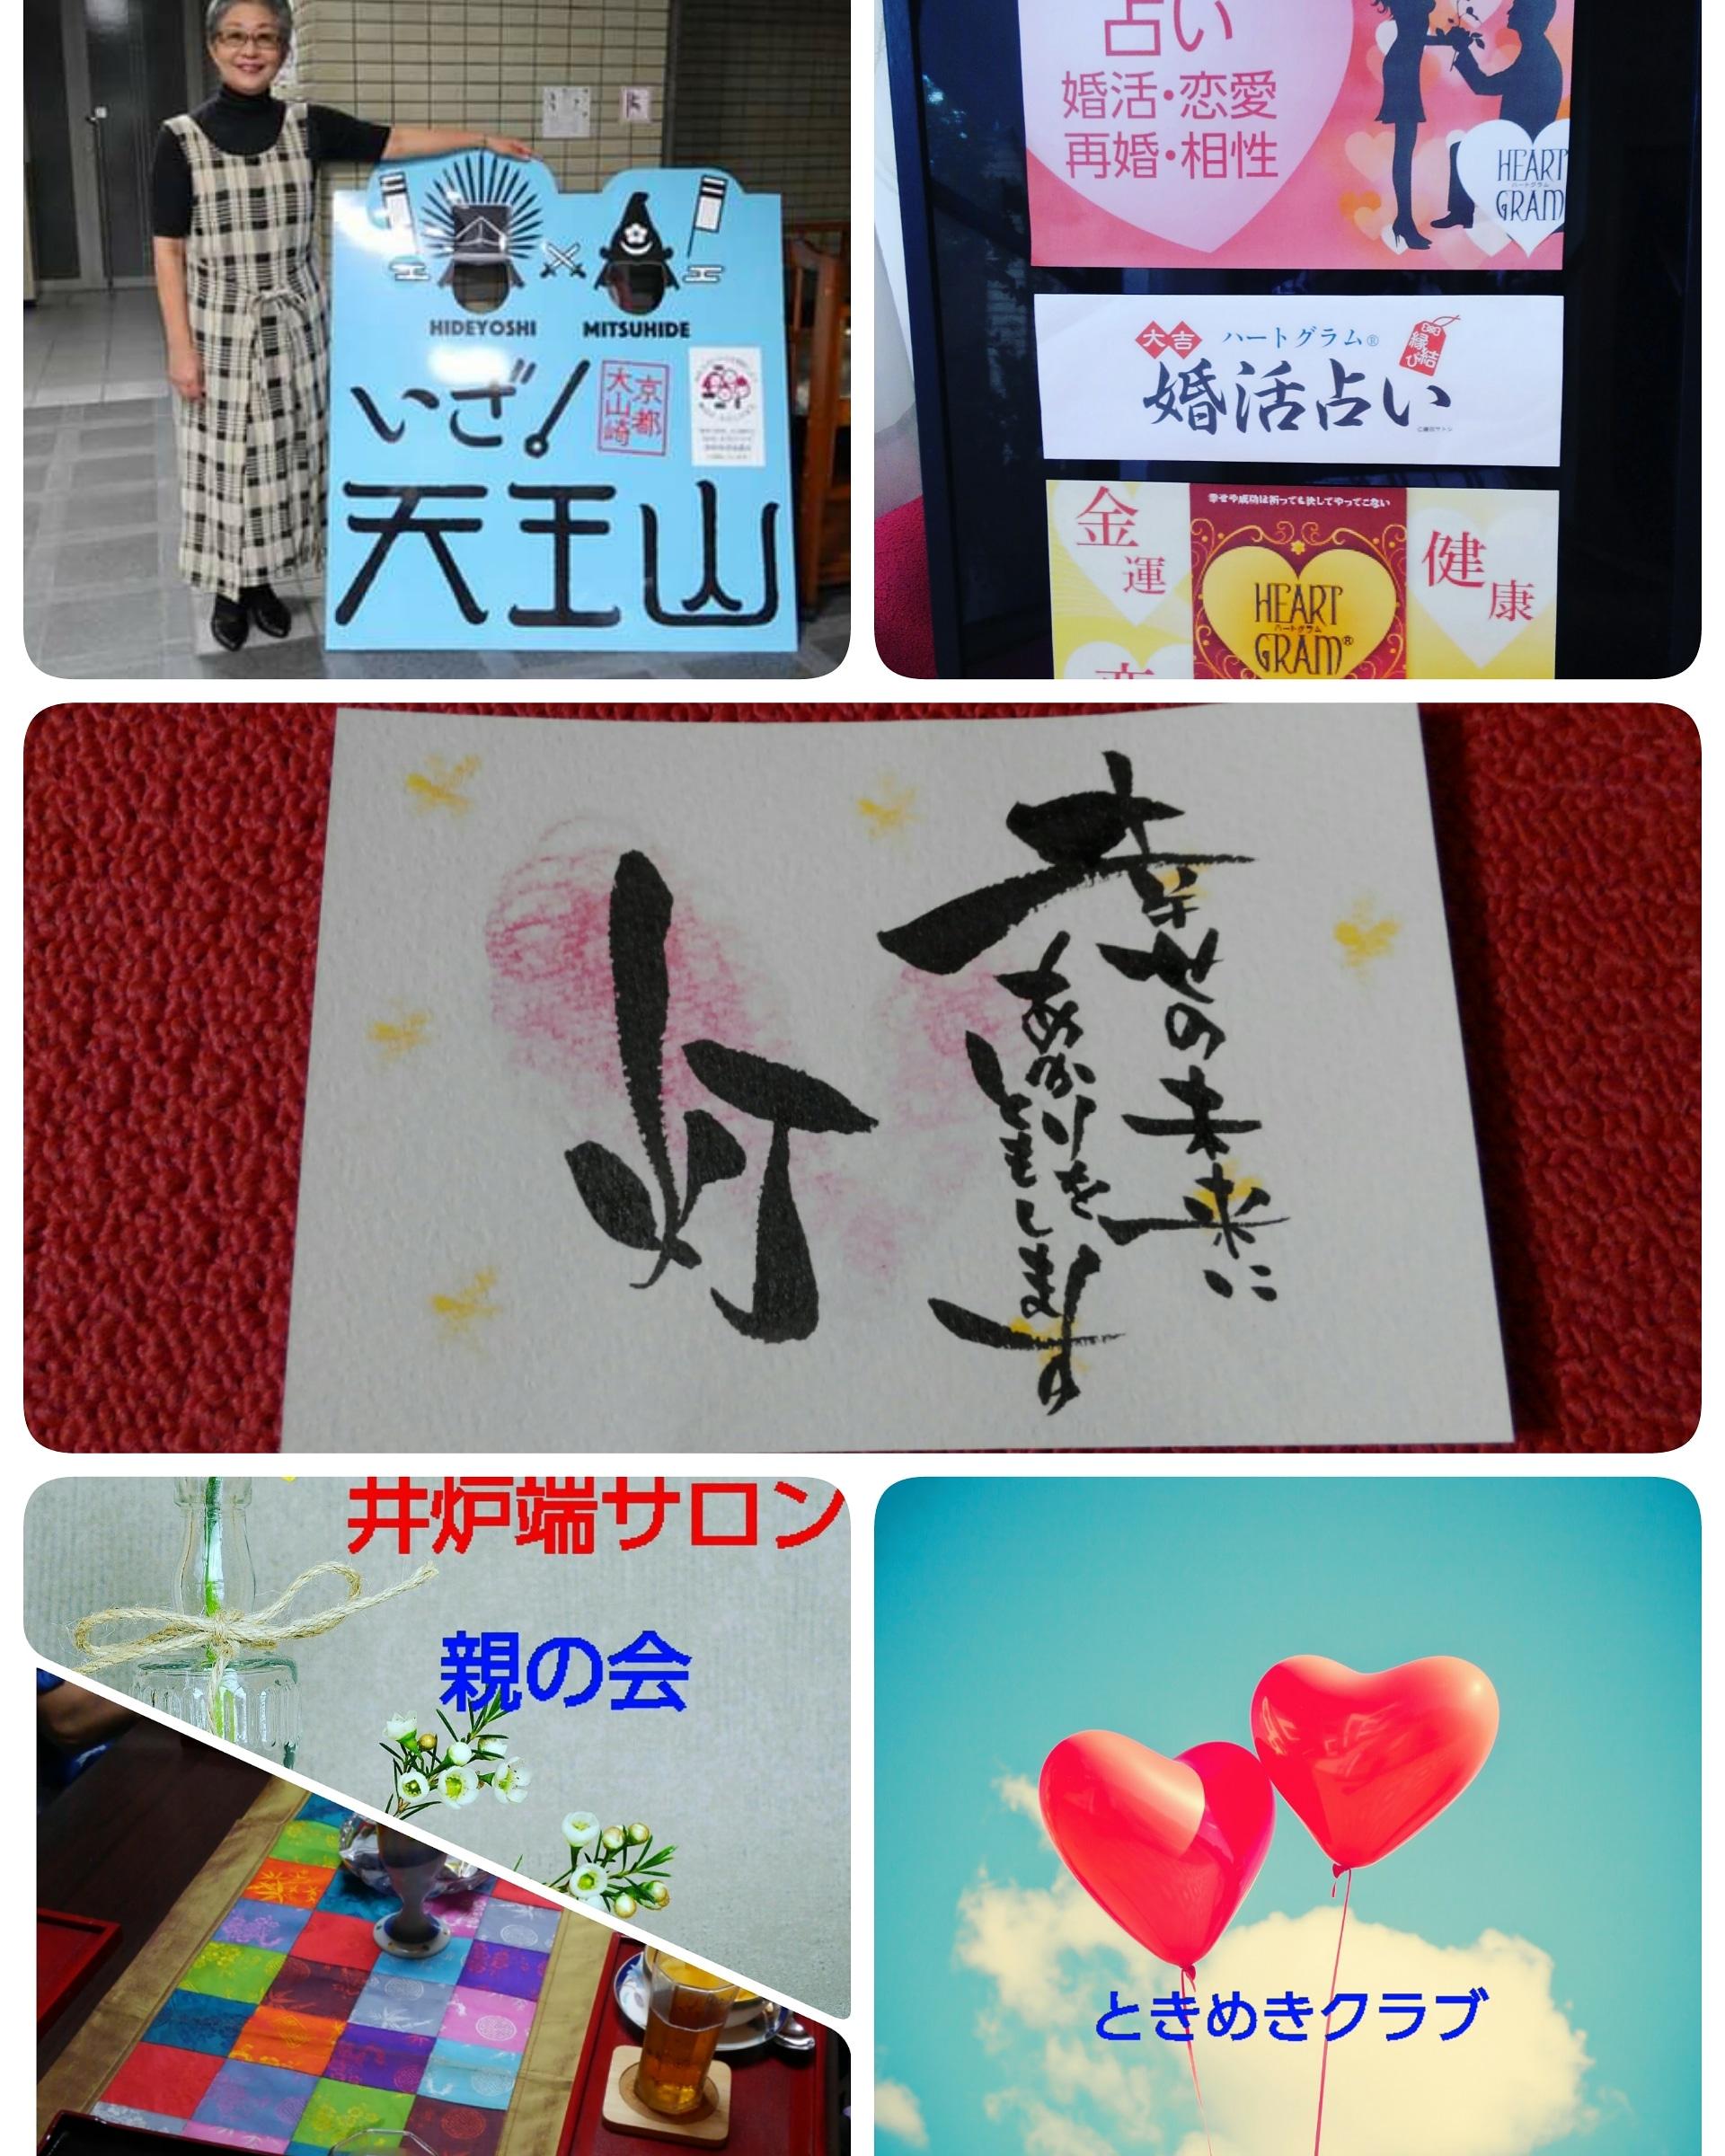 地域(京都・乙訓)で回遊する「森本知子👱」さんの活動は⁉